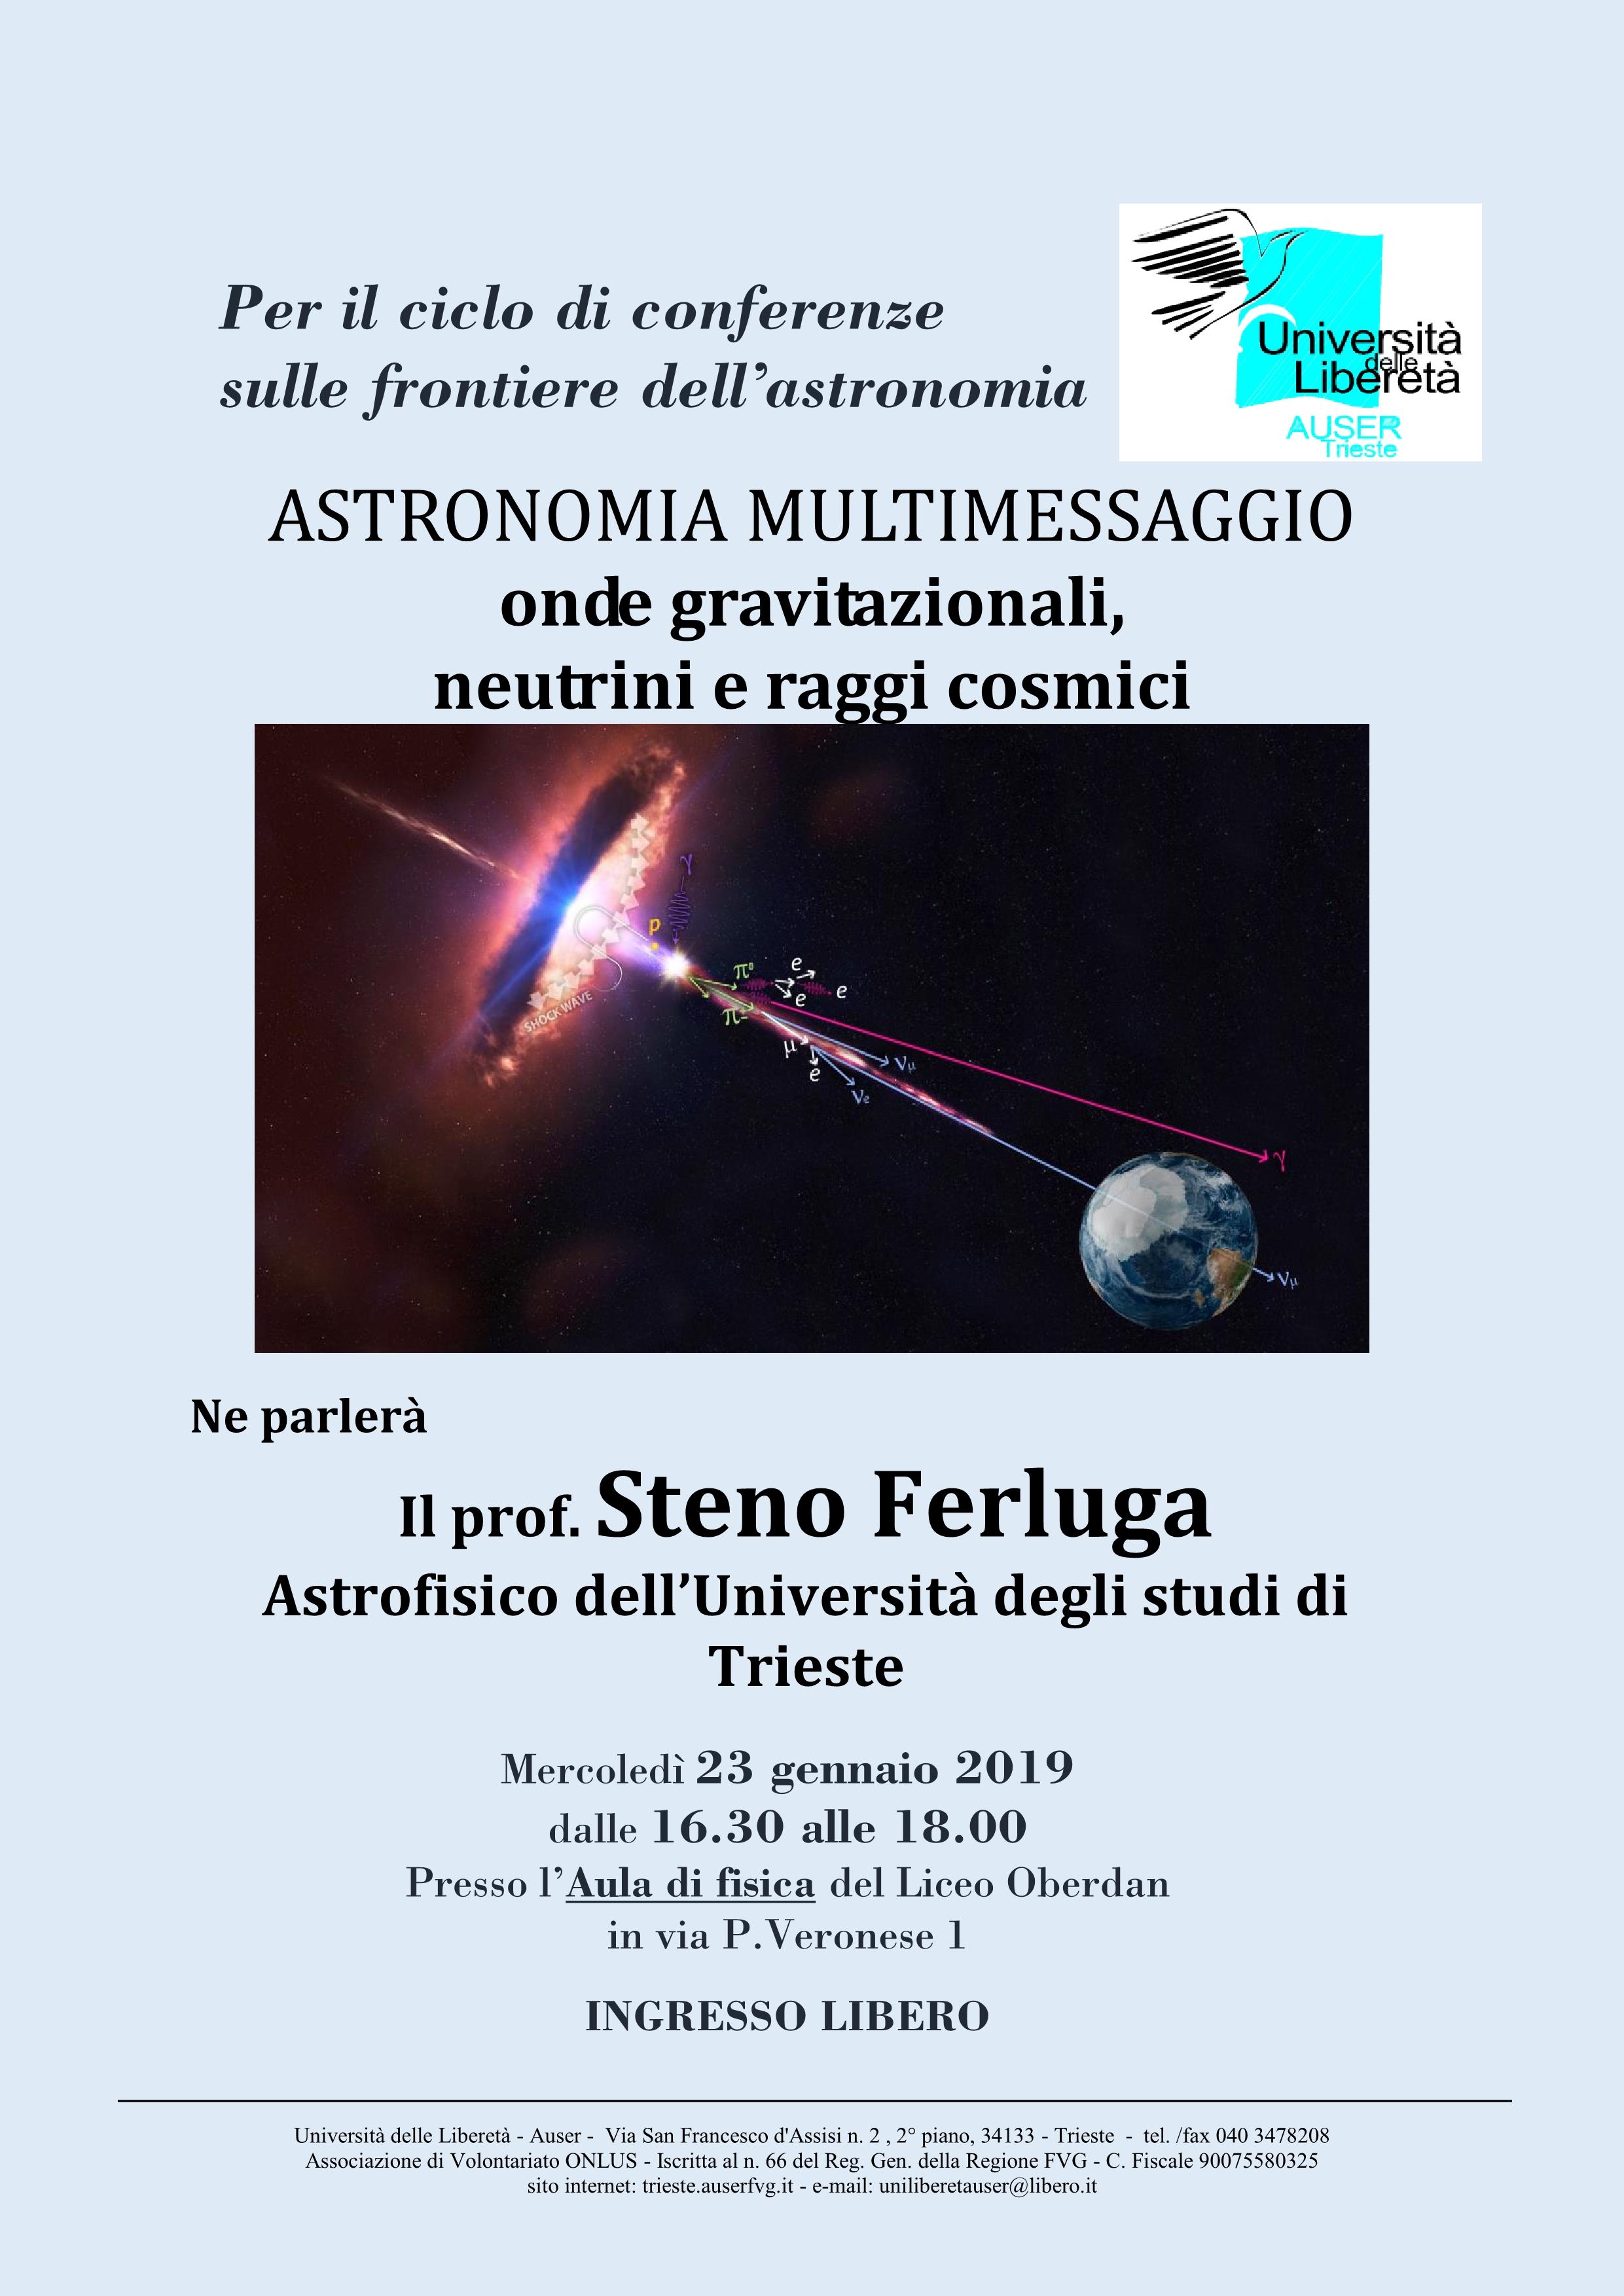 Astronomia multimessaggio1